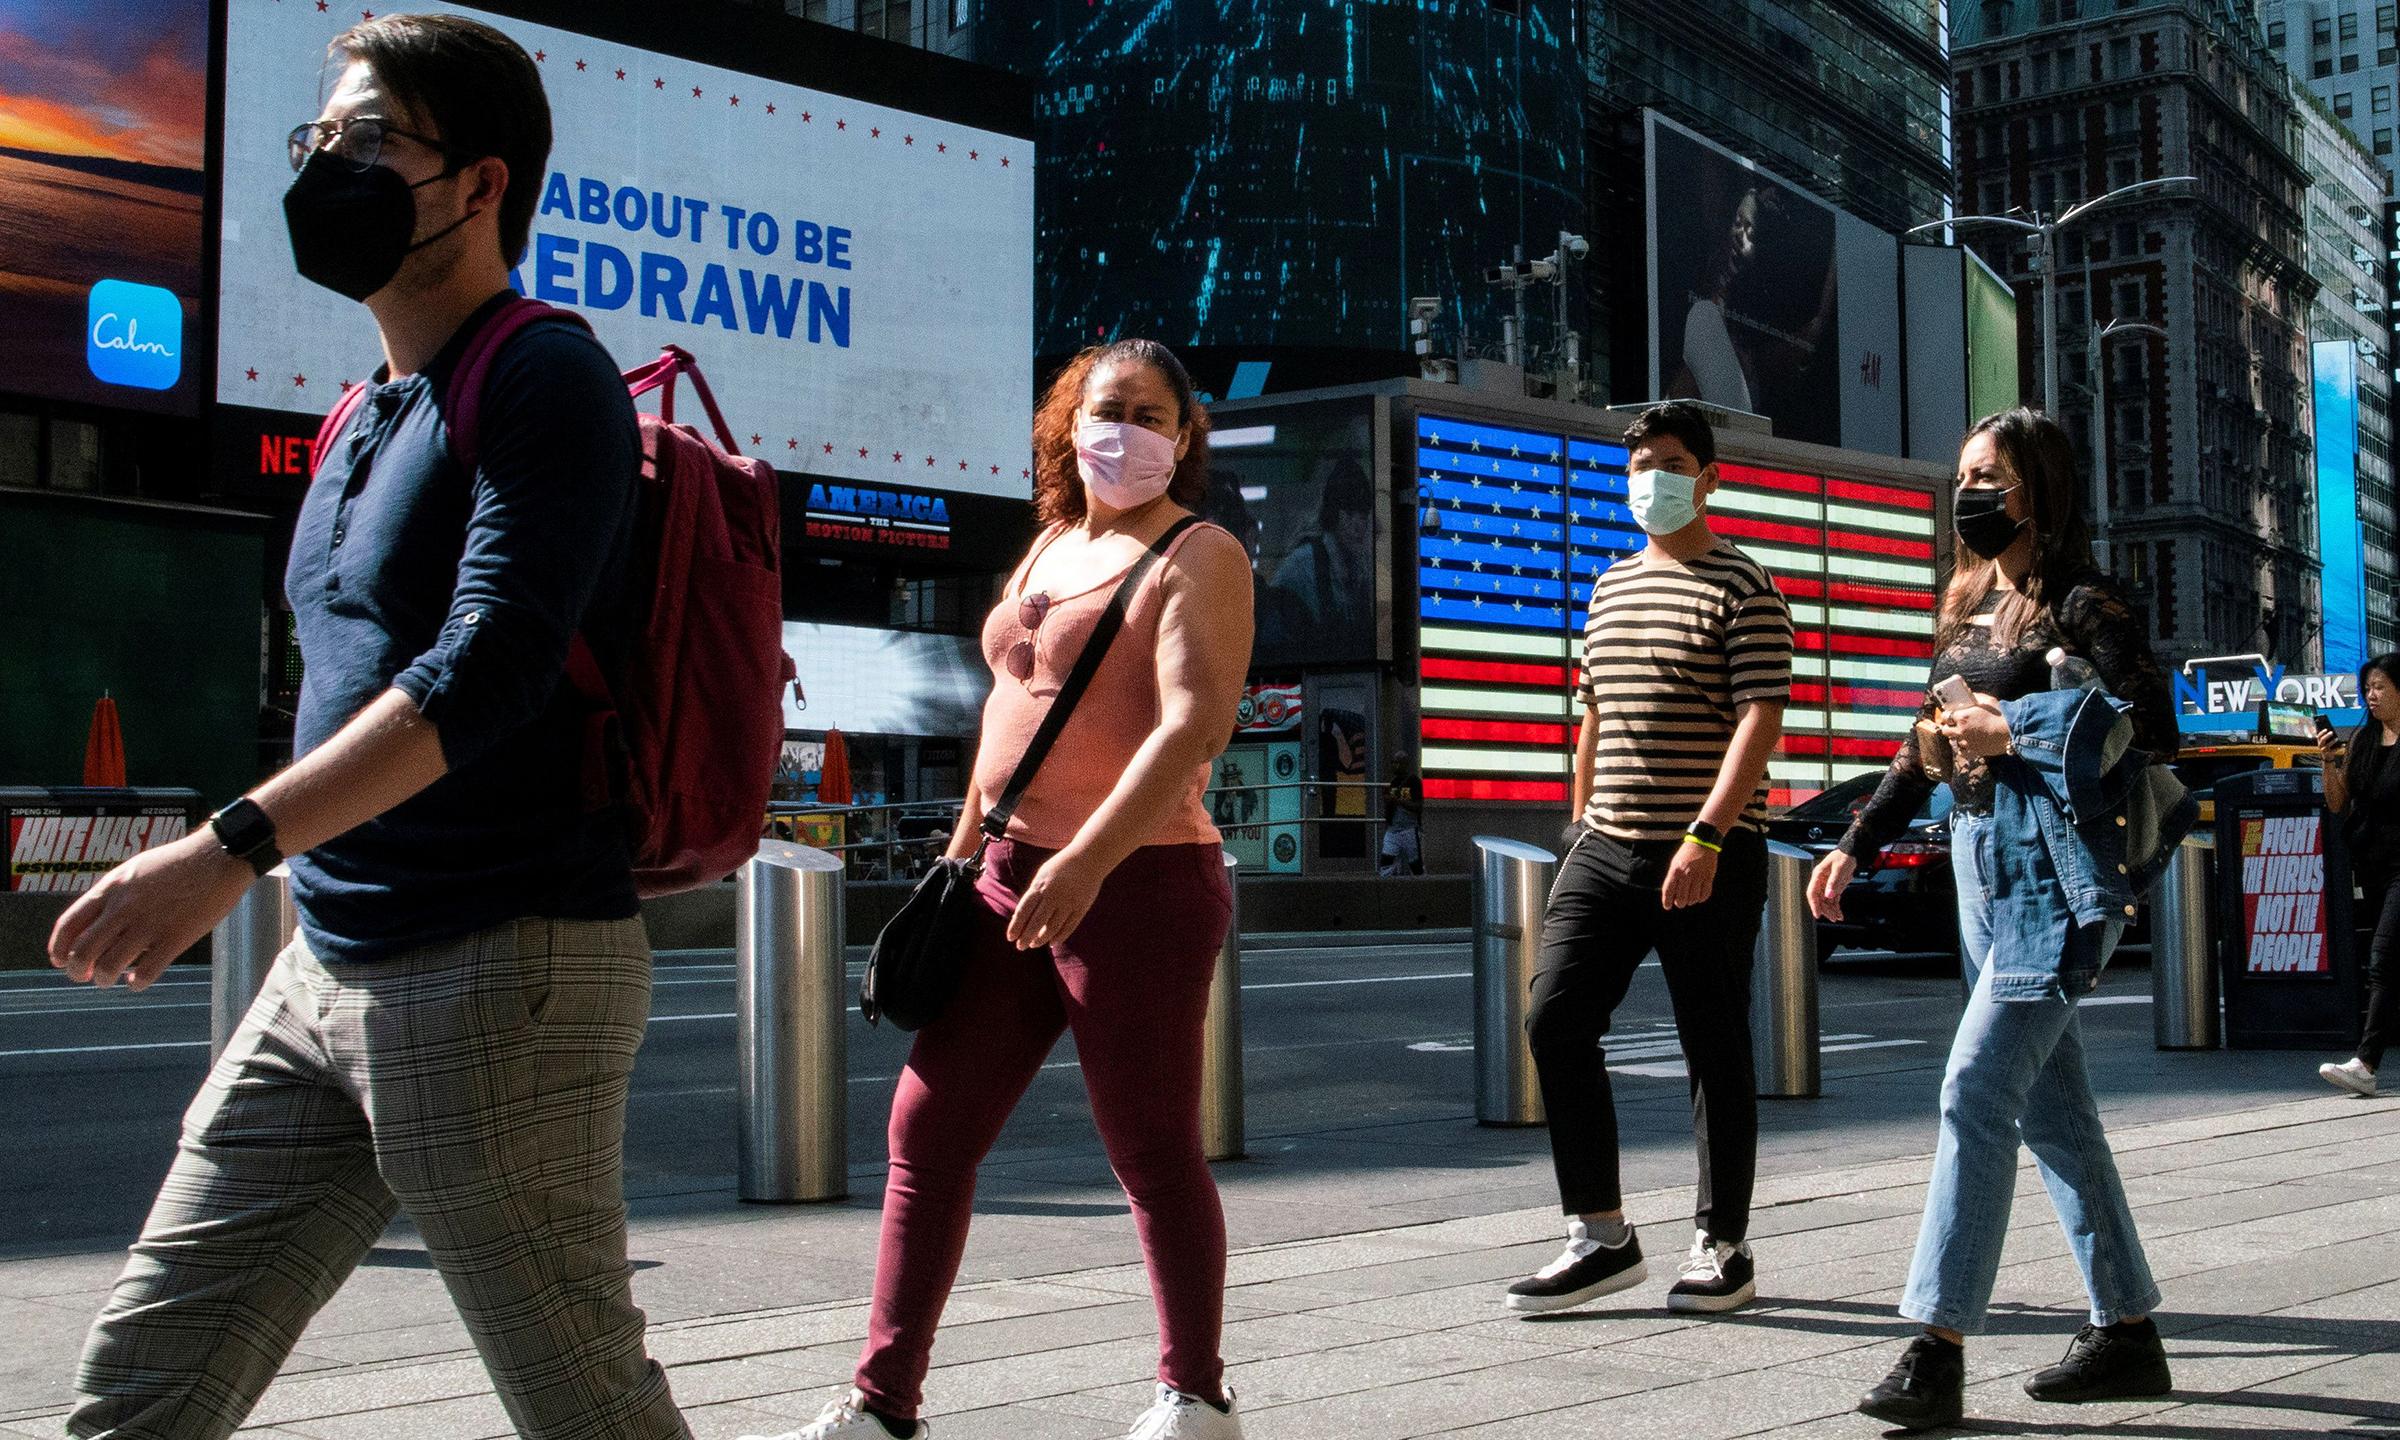 Người dân đeo khẩu trang tại Quảng trường Thời đại ở New York, Mỹ, hôm 23/7. Ảnh: Reuters.